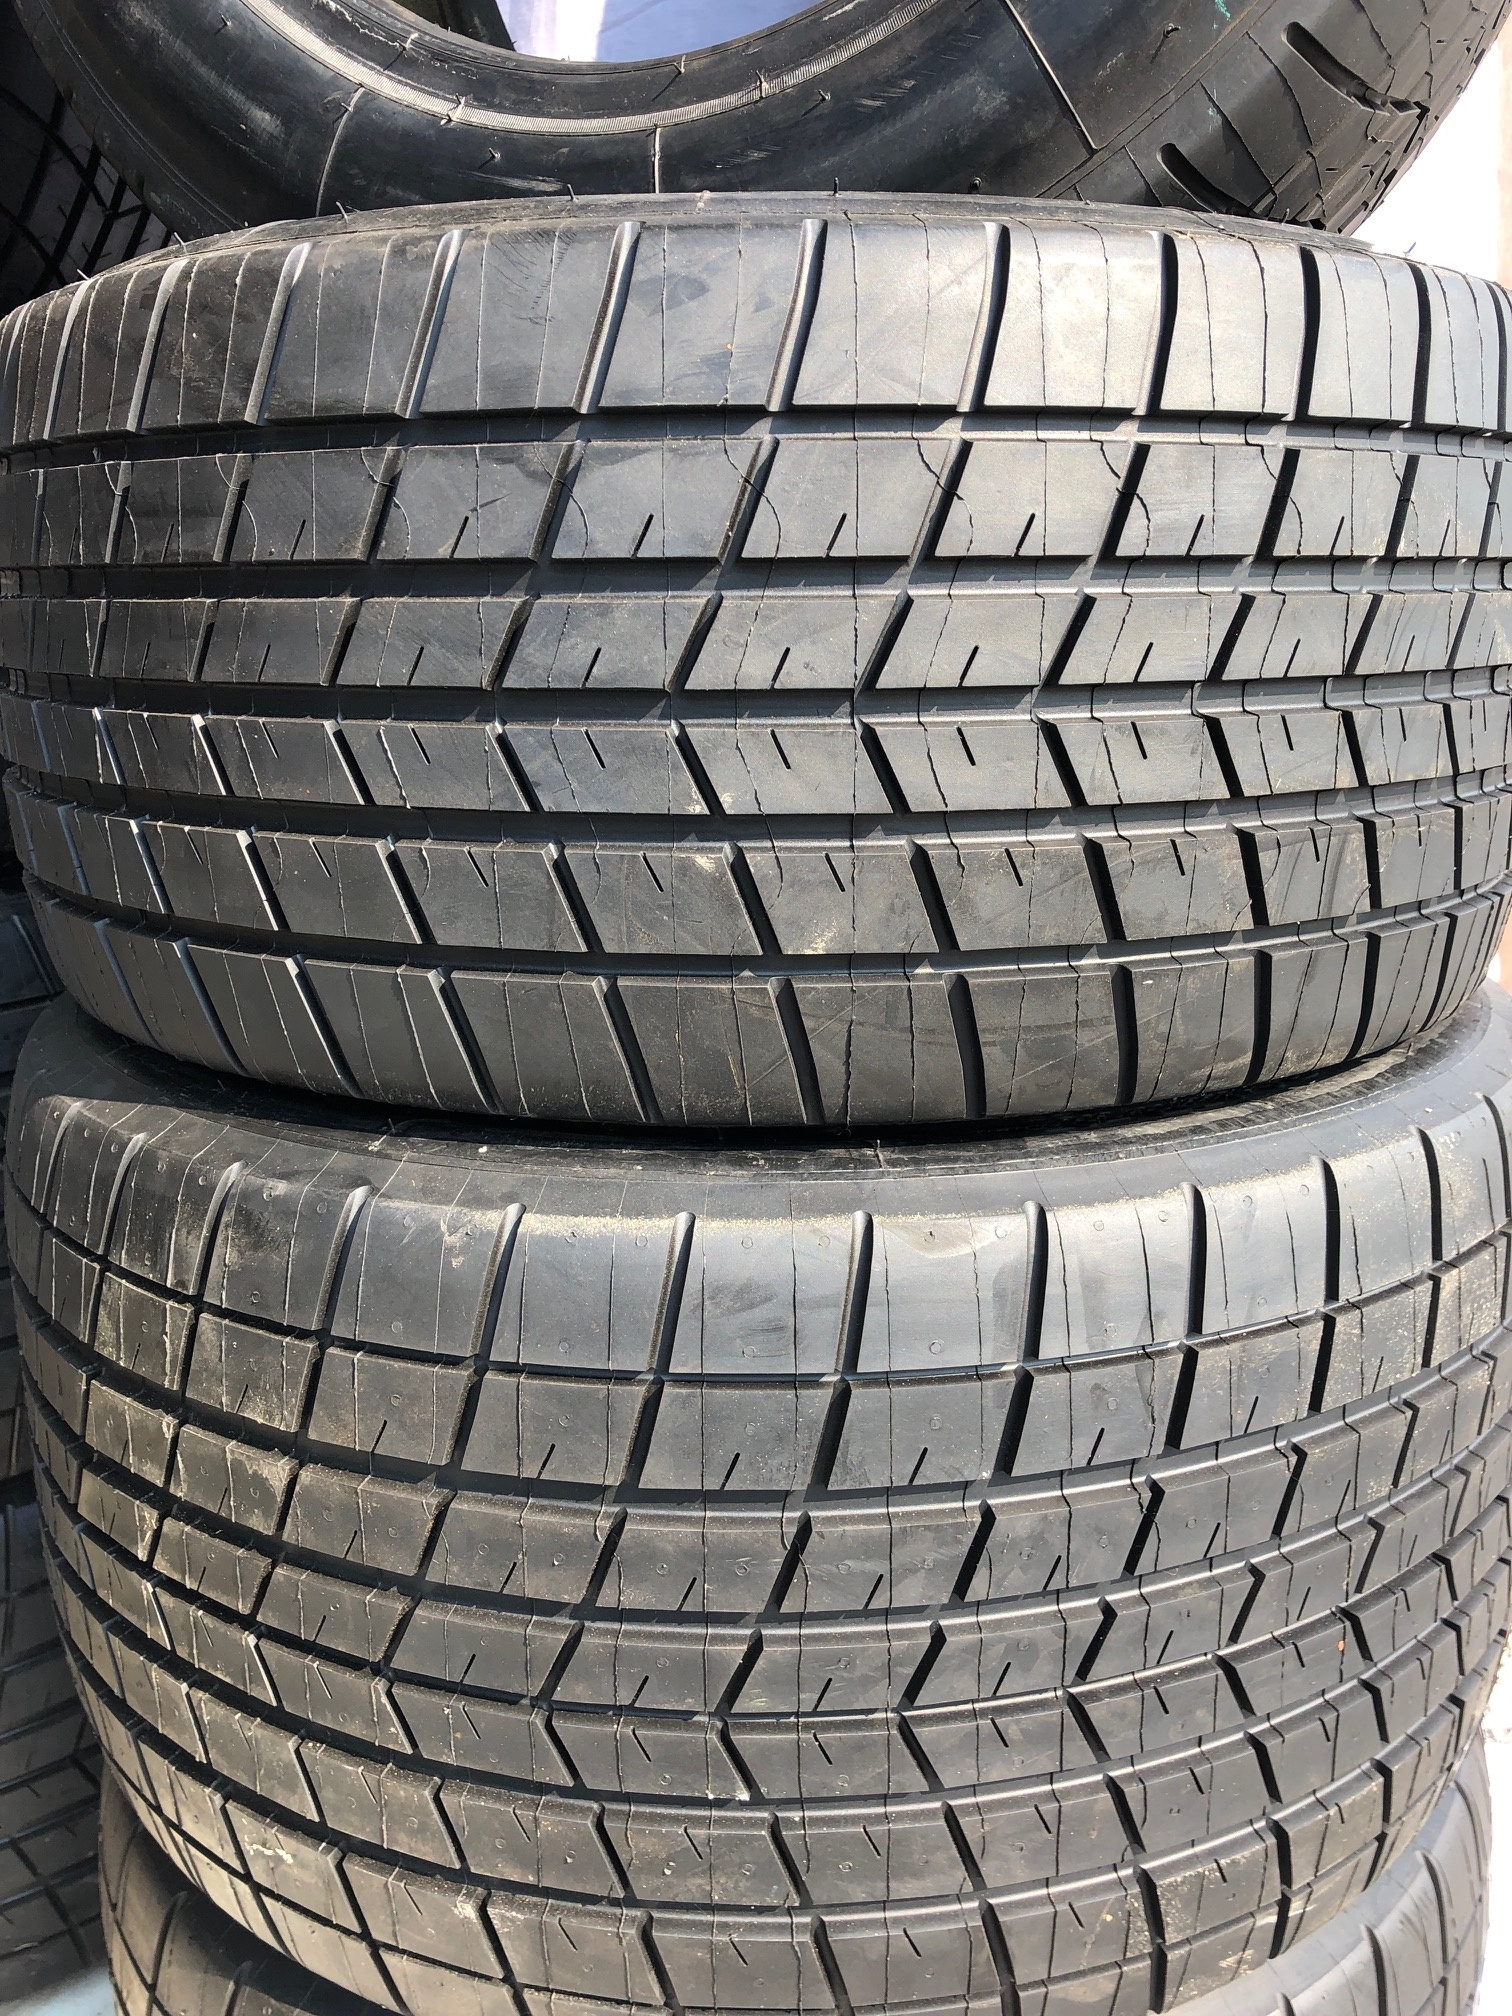 Michelin New Michelin P310 Set  (4 pieces)